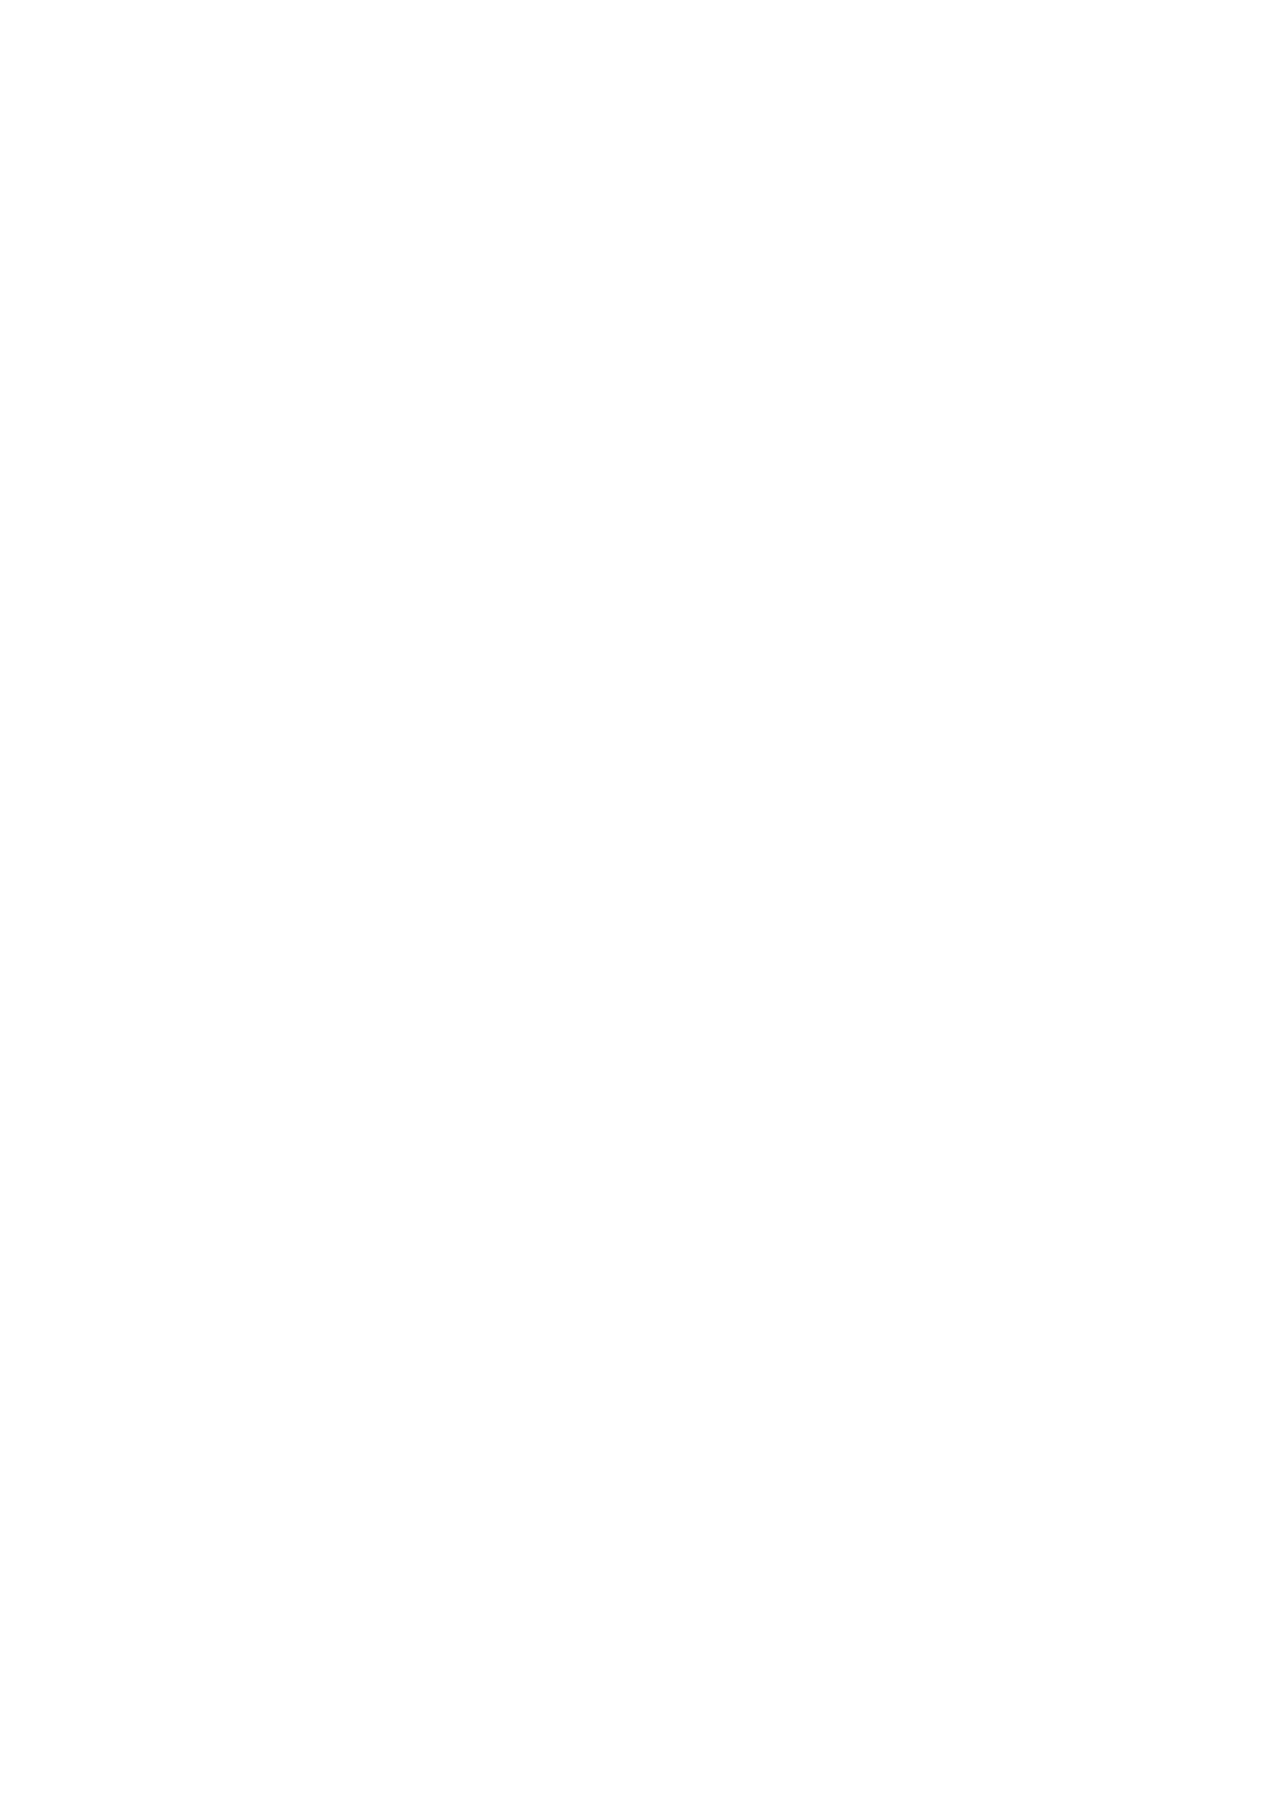 Zeccho Suruto 0.05% no Kakuritsu de Derareru Heya | 高潮后只有0.05%的概率~才能离开的房间 3